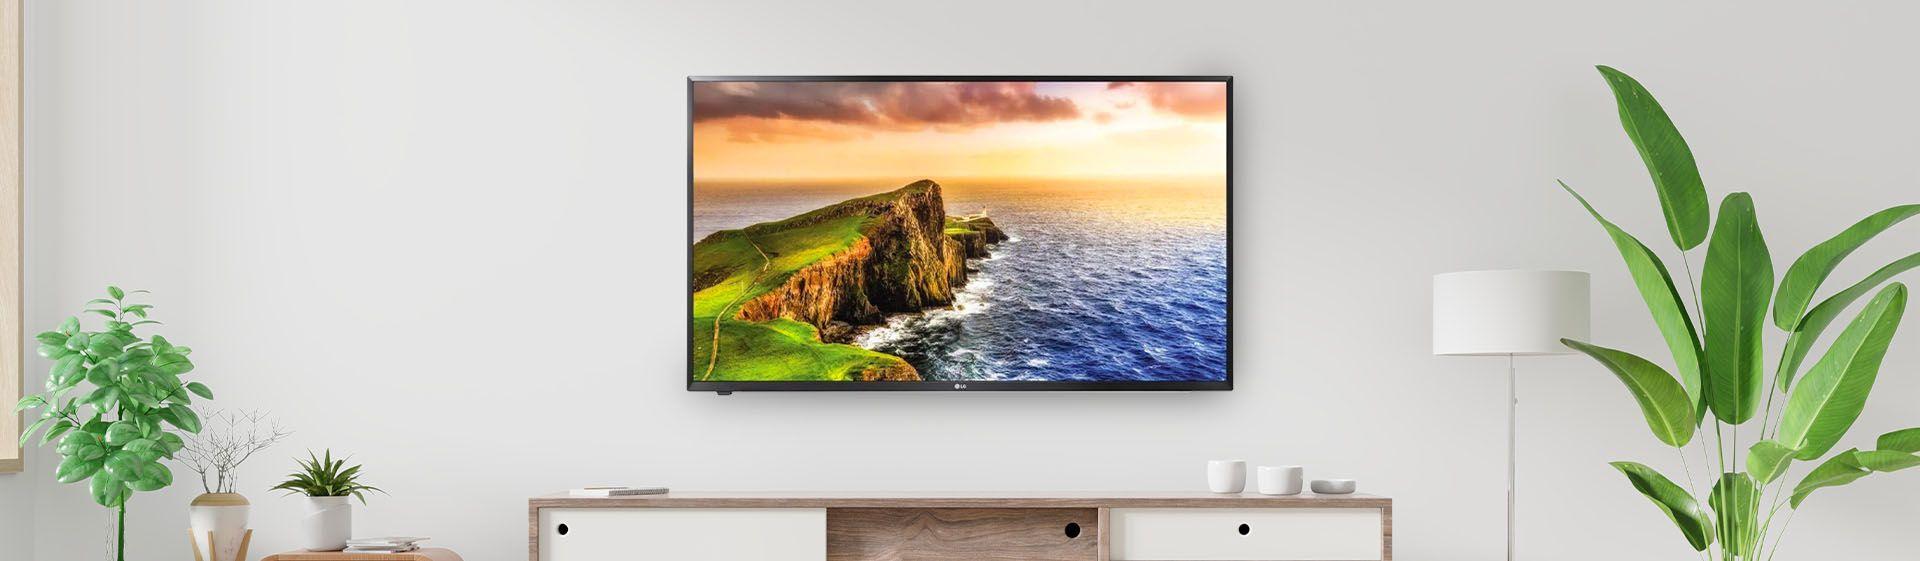 """TV LG LV300C LED 32"""" é boa?"""